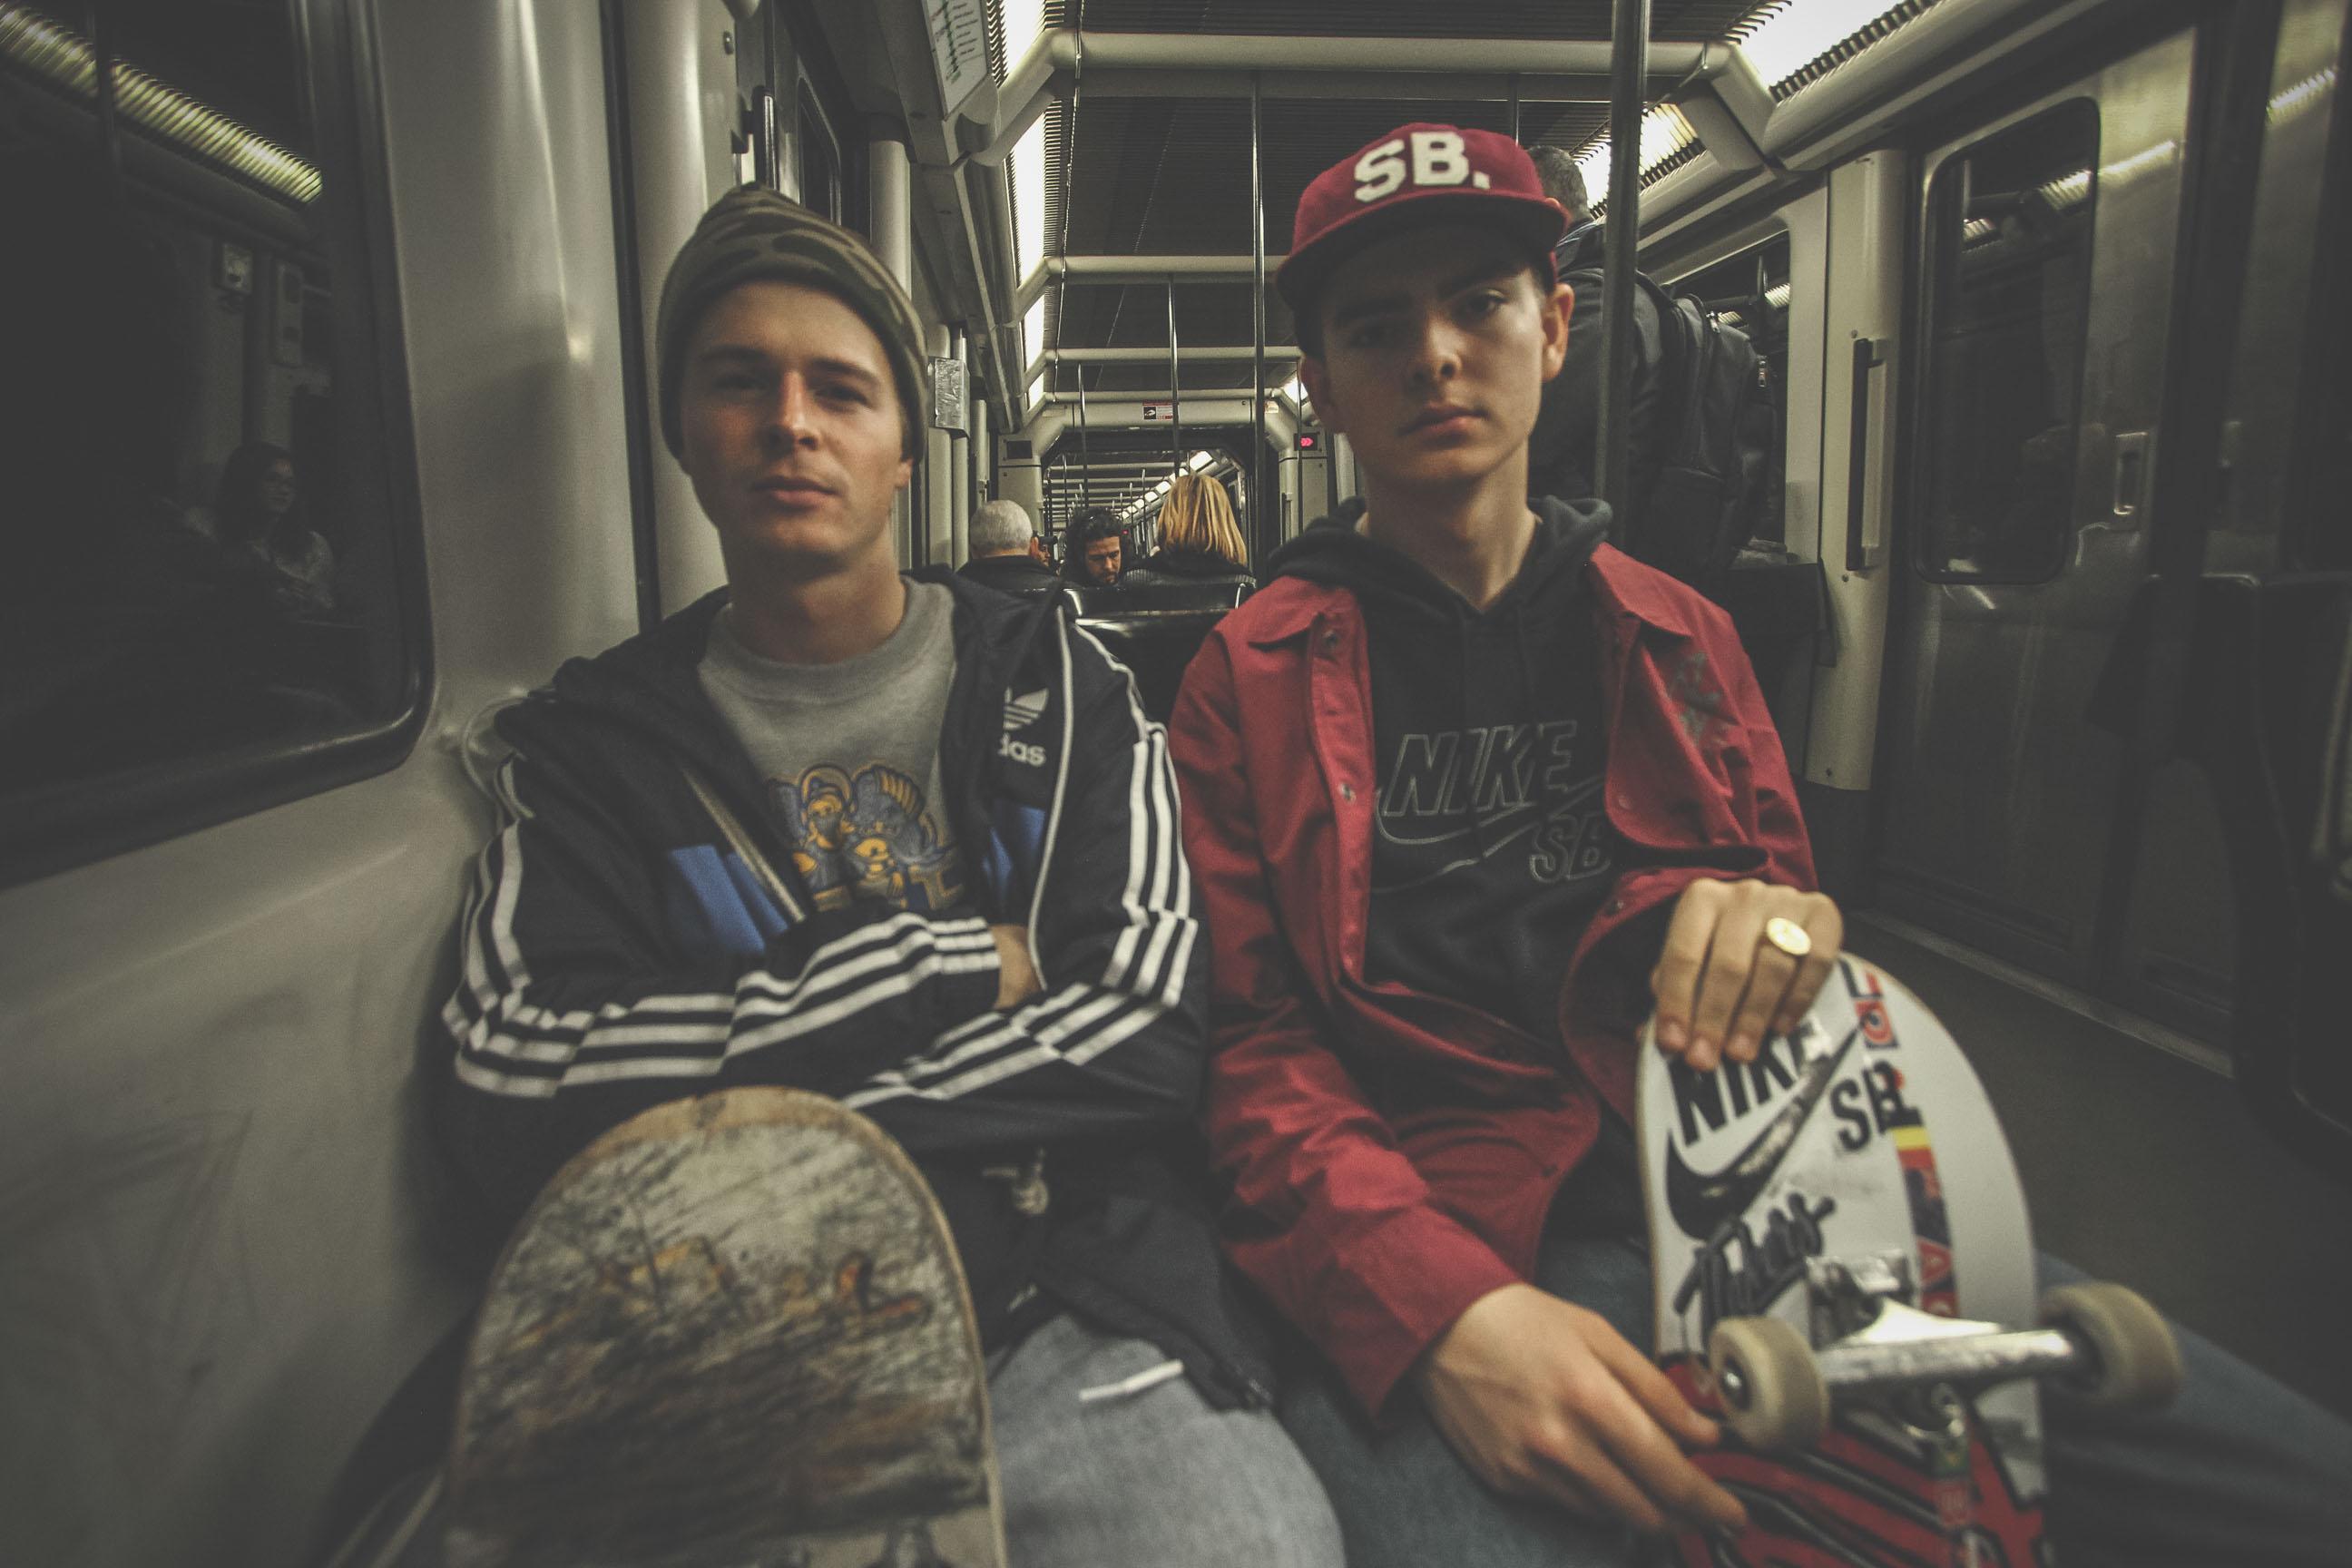 Metro livin